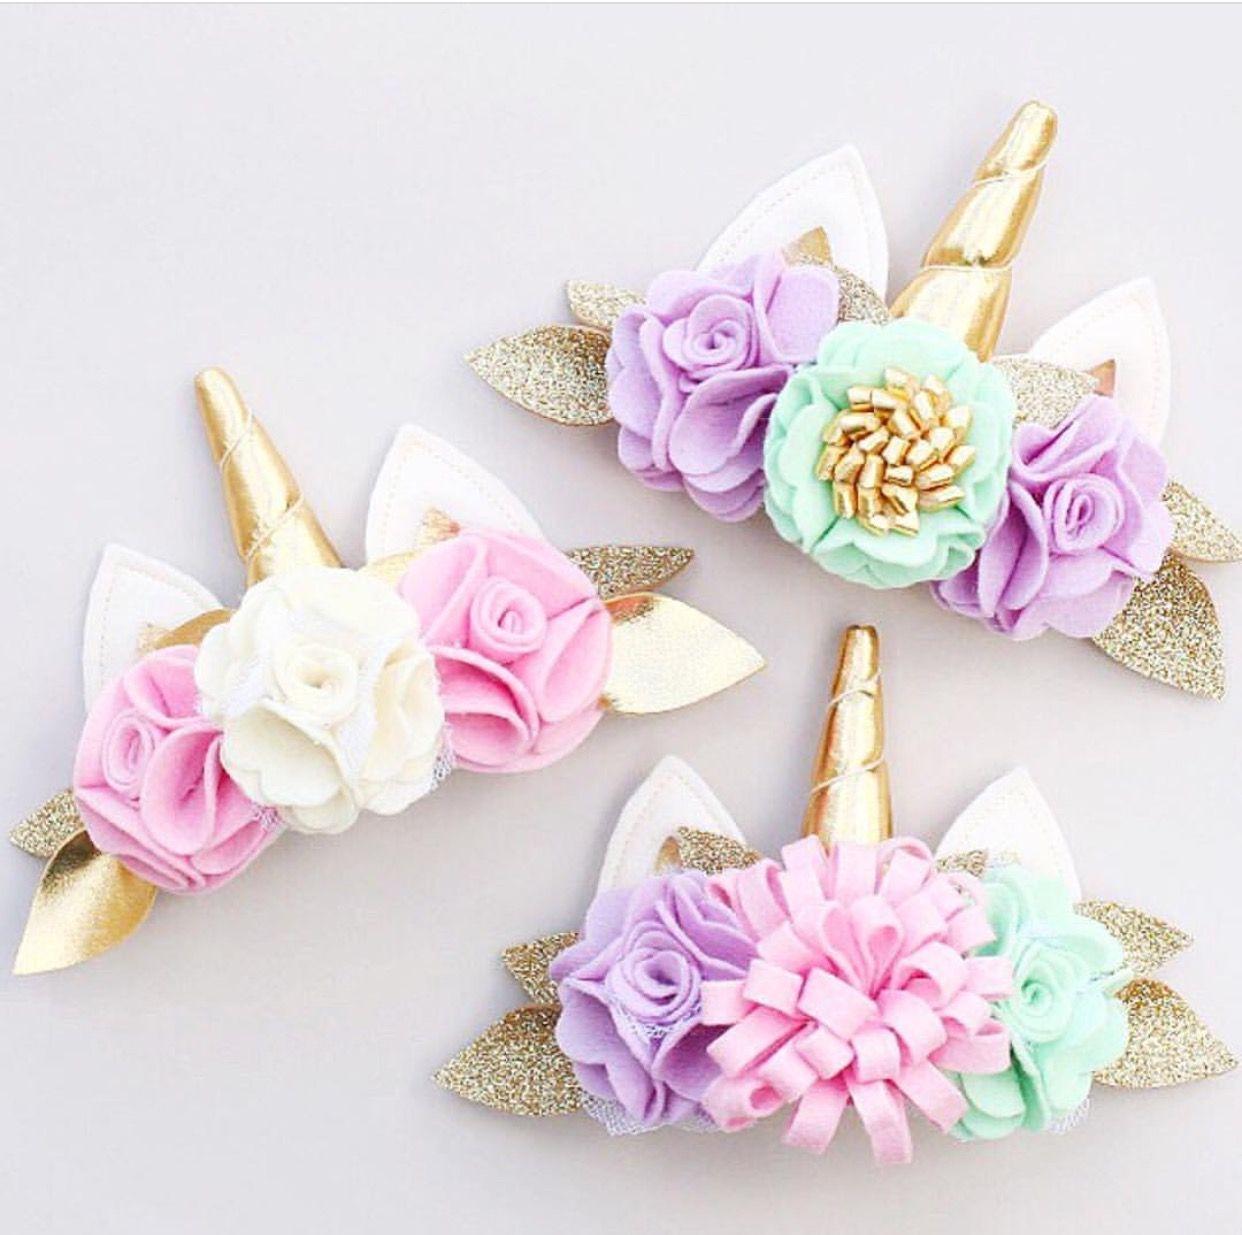 Pin by Caitlin Hoosier on birthdays | Pinterest | Unicorns, Unicorn ...